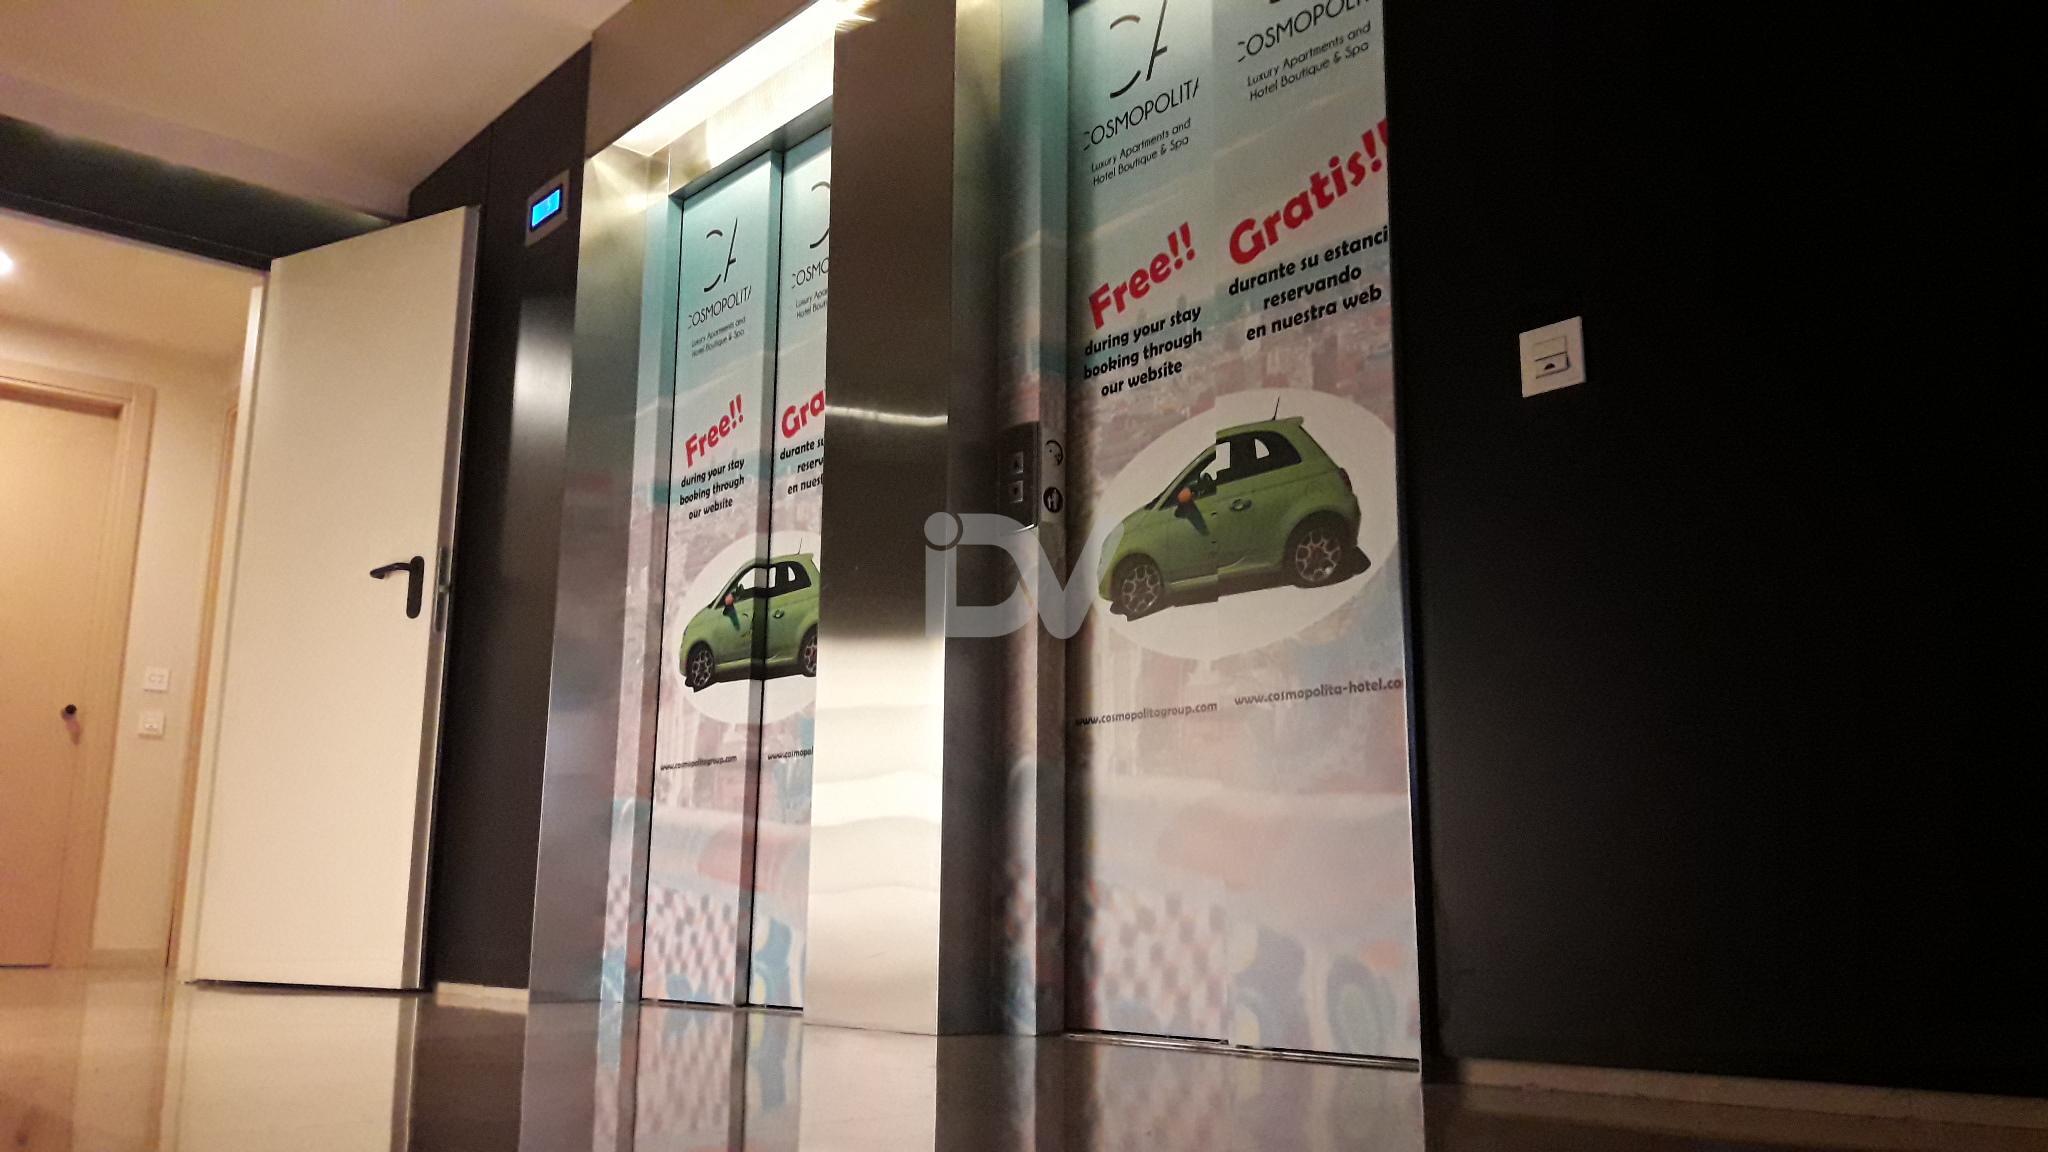 publicidad en ascensor